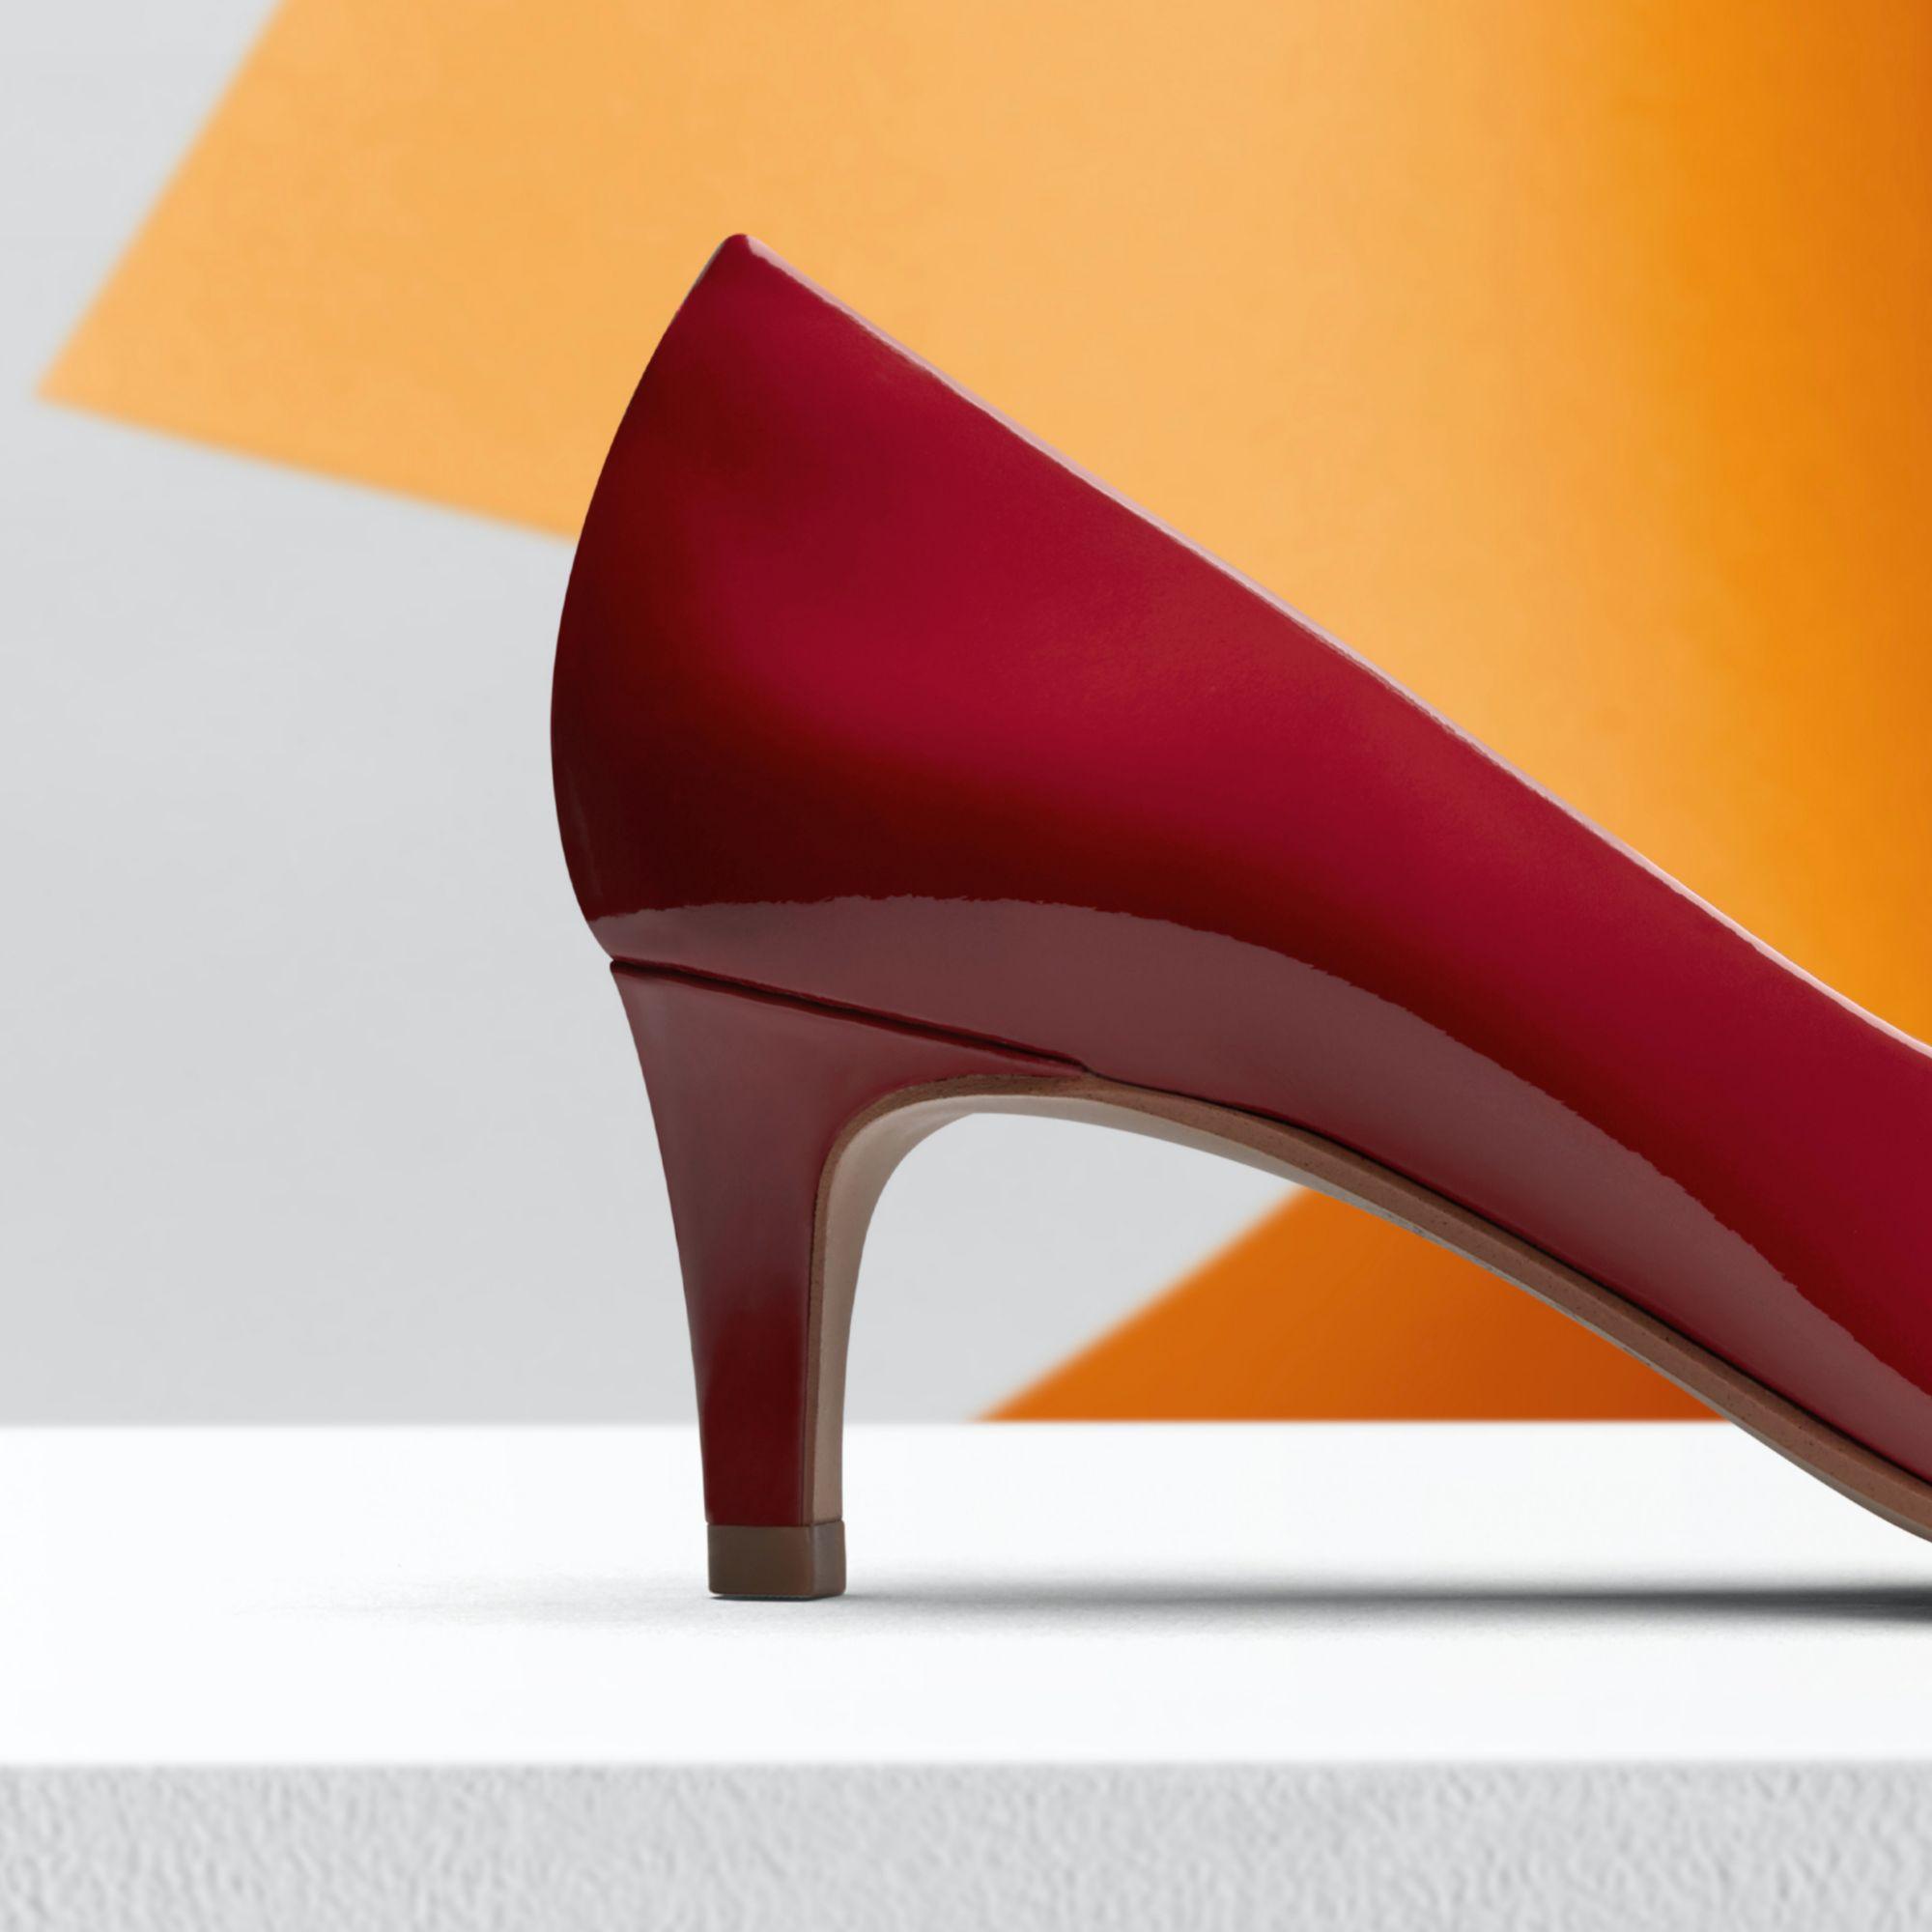 Дамски елегантни обувки Clarks Laina 55 от естествена кожа червени - снимка 7